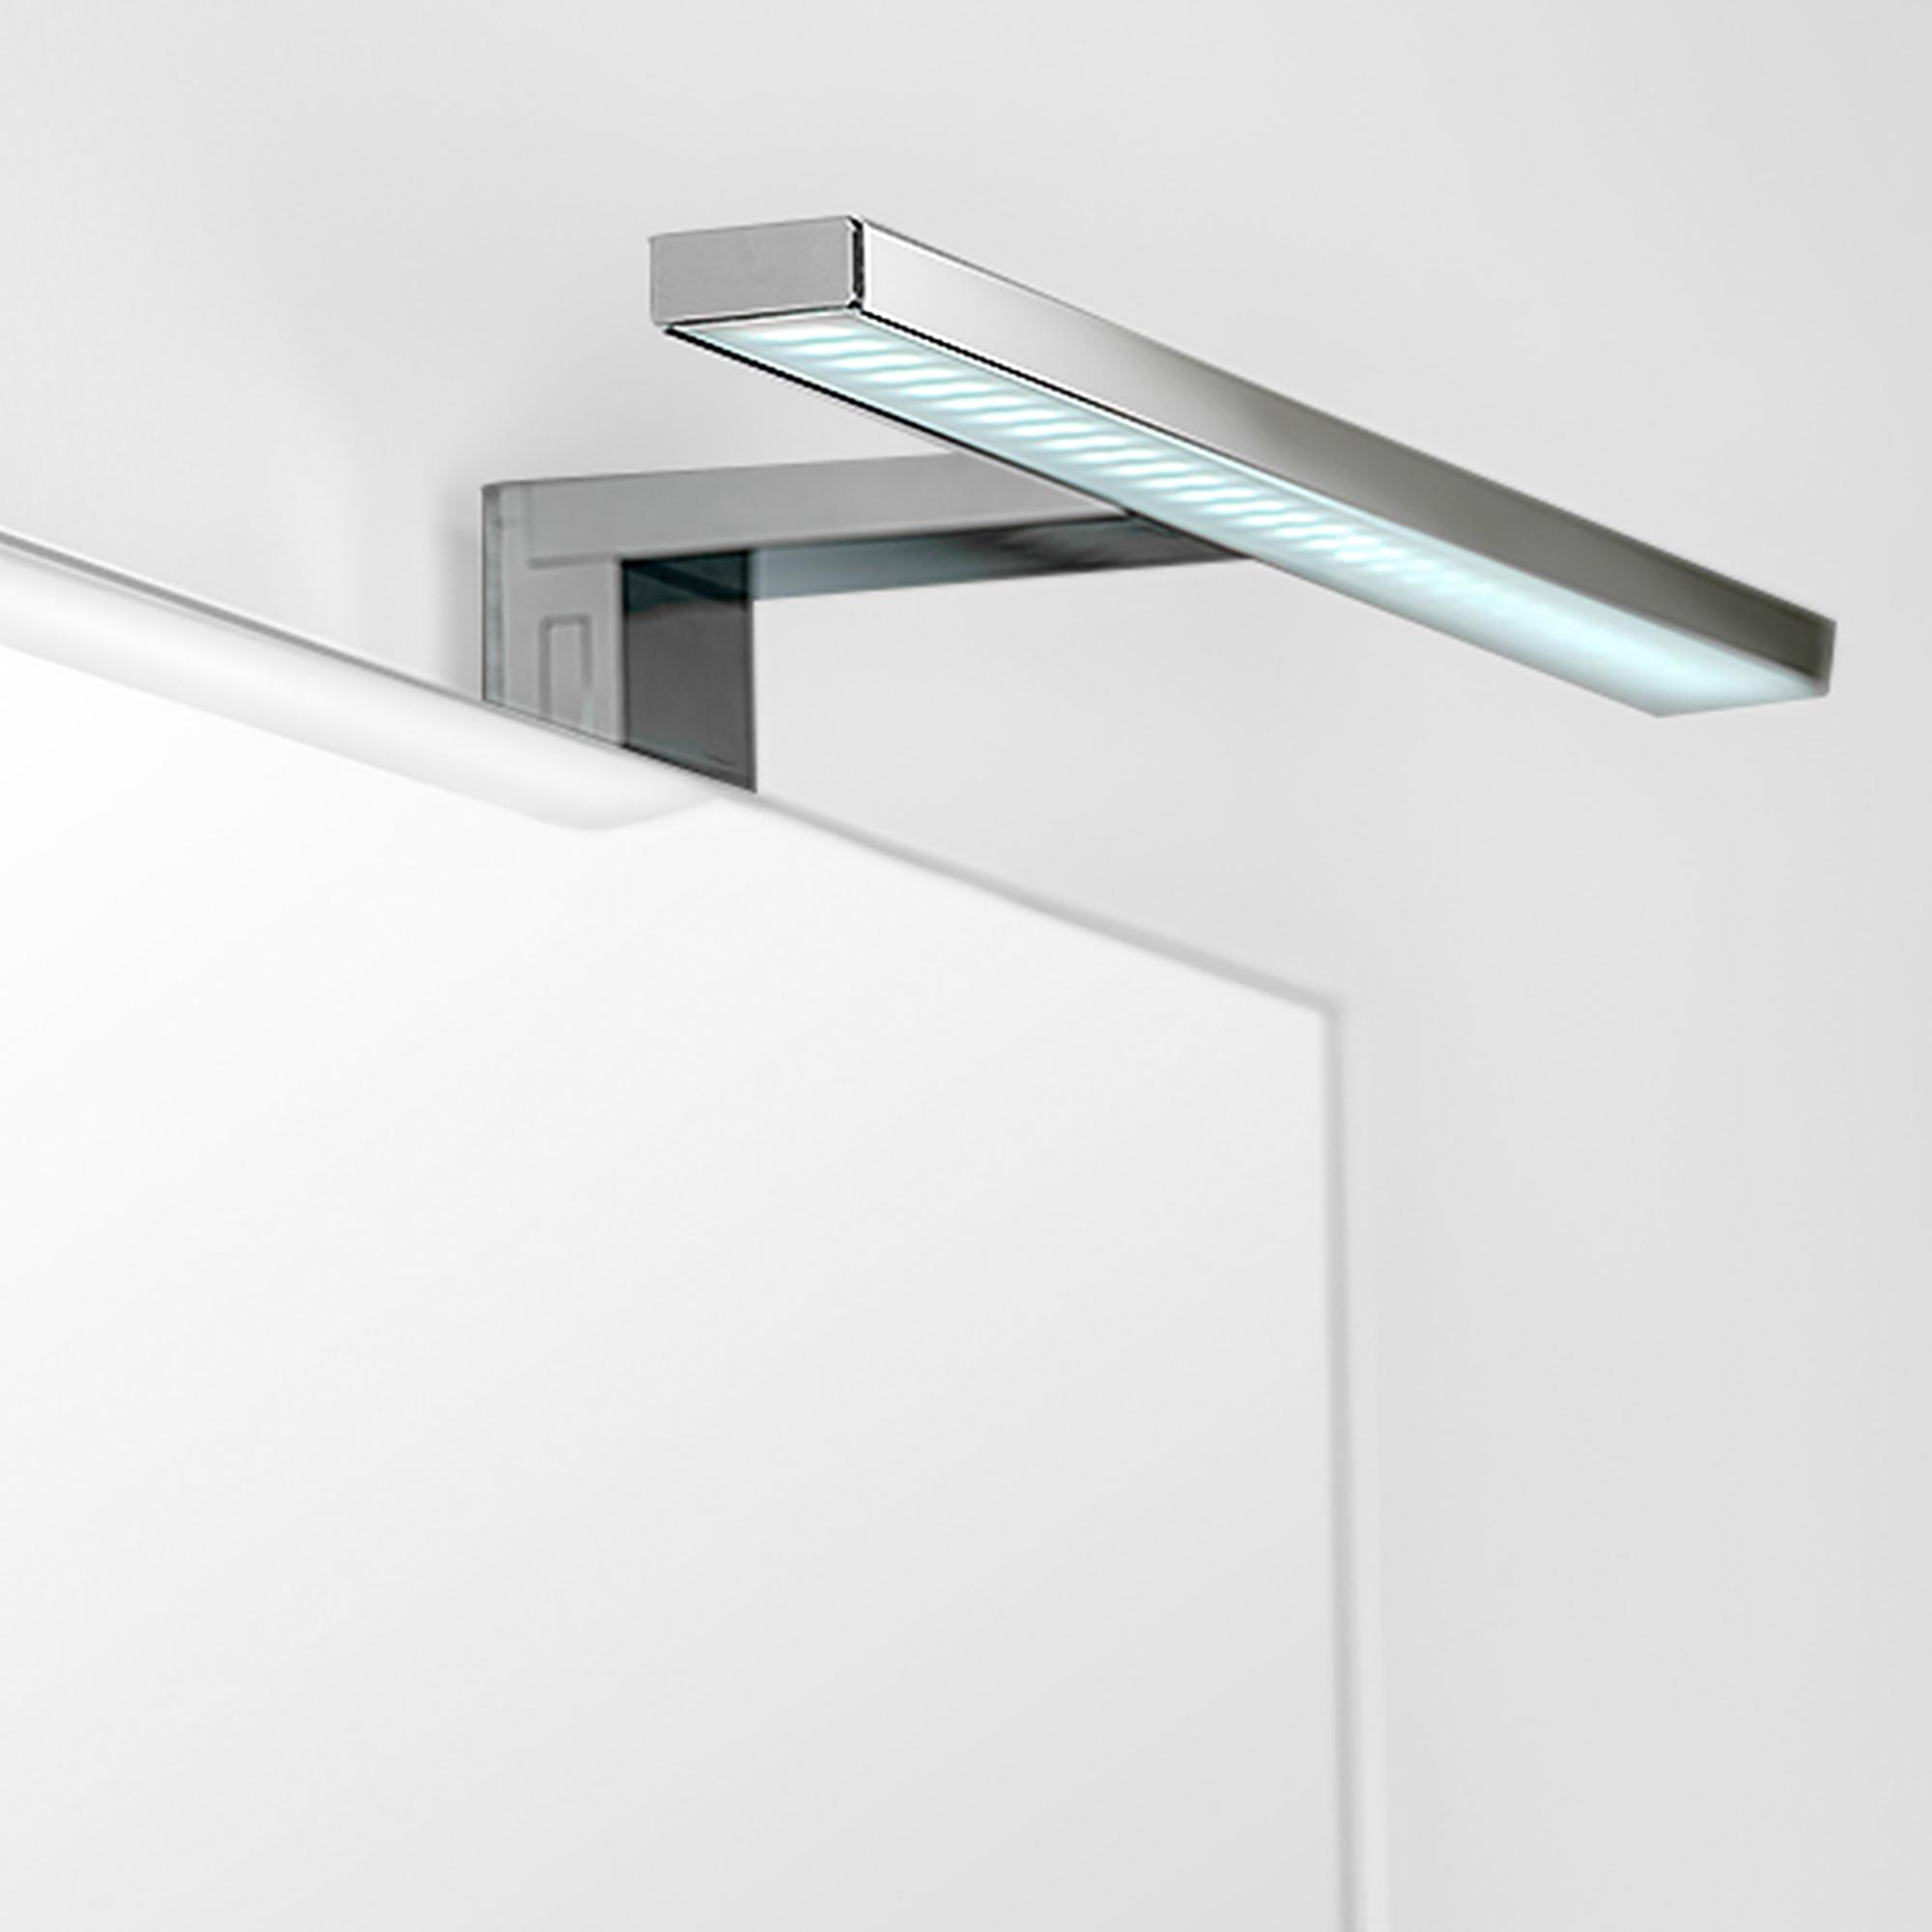 Emuca Applique LED per specchio di bagno, 450 mm, IP44, luce bianca fredda, Alluminio e Plastica, Cromo